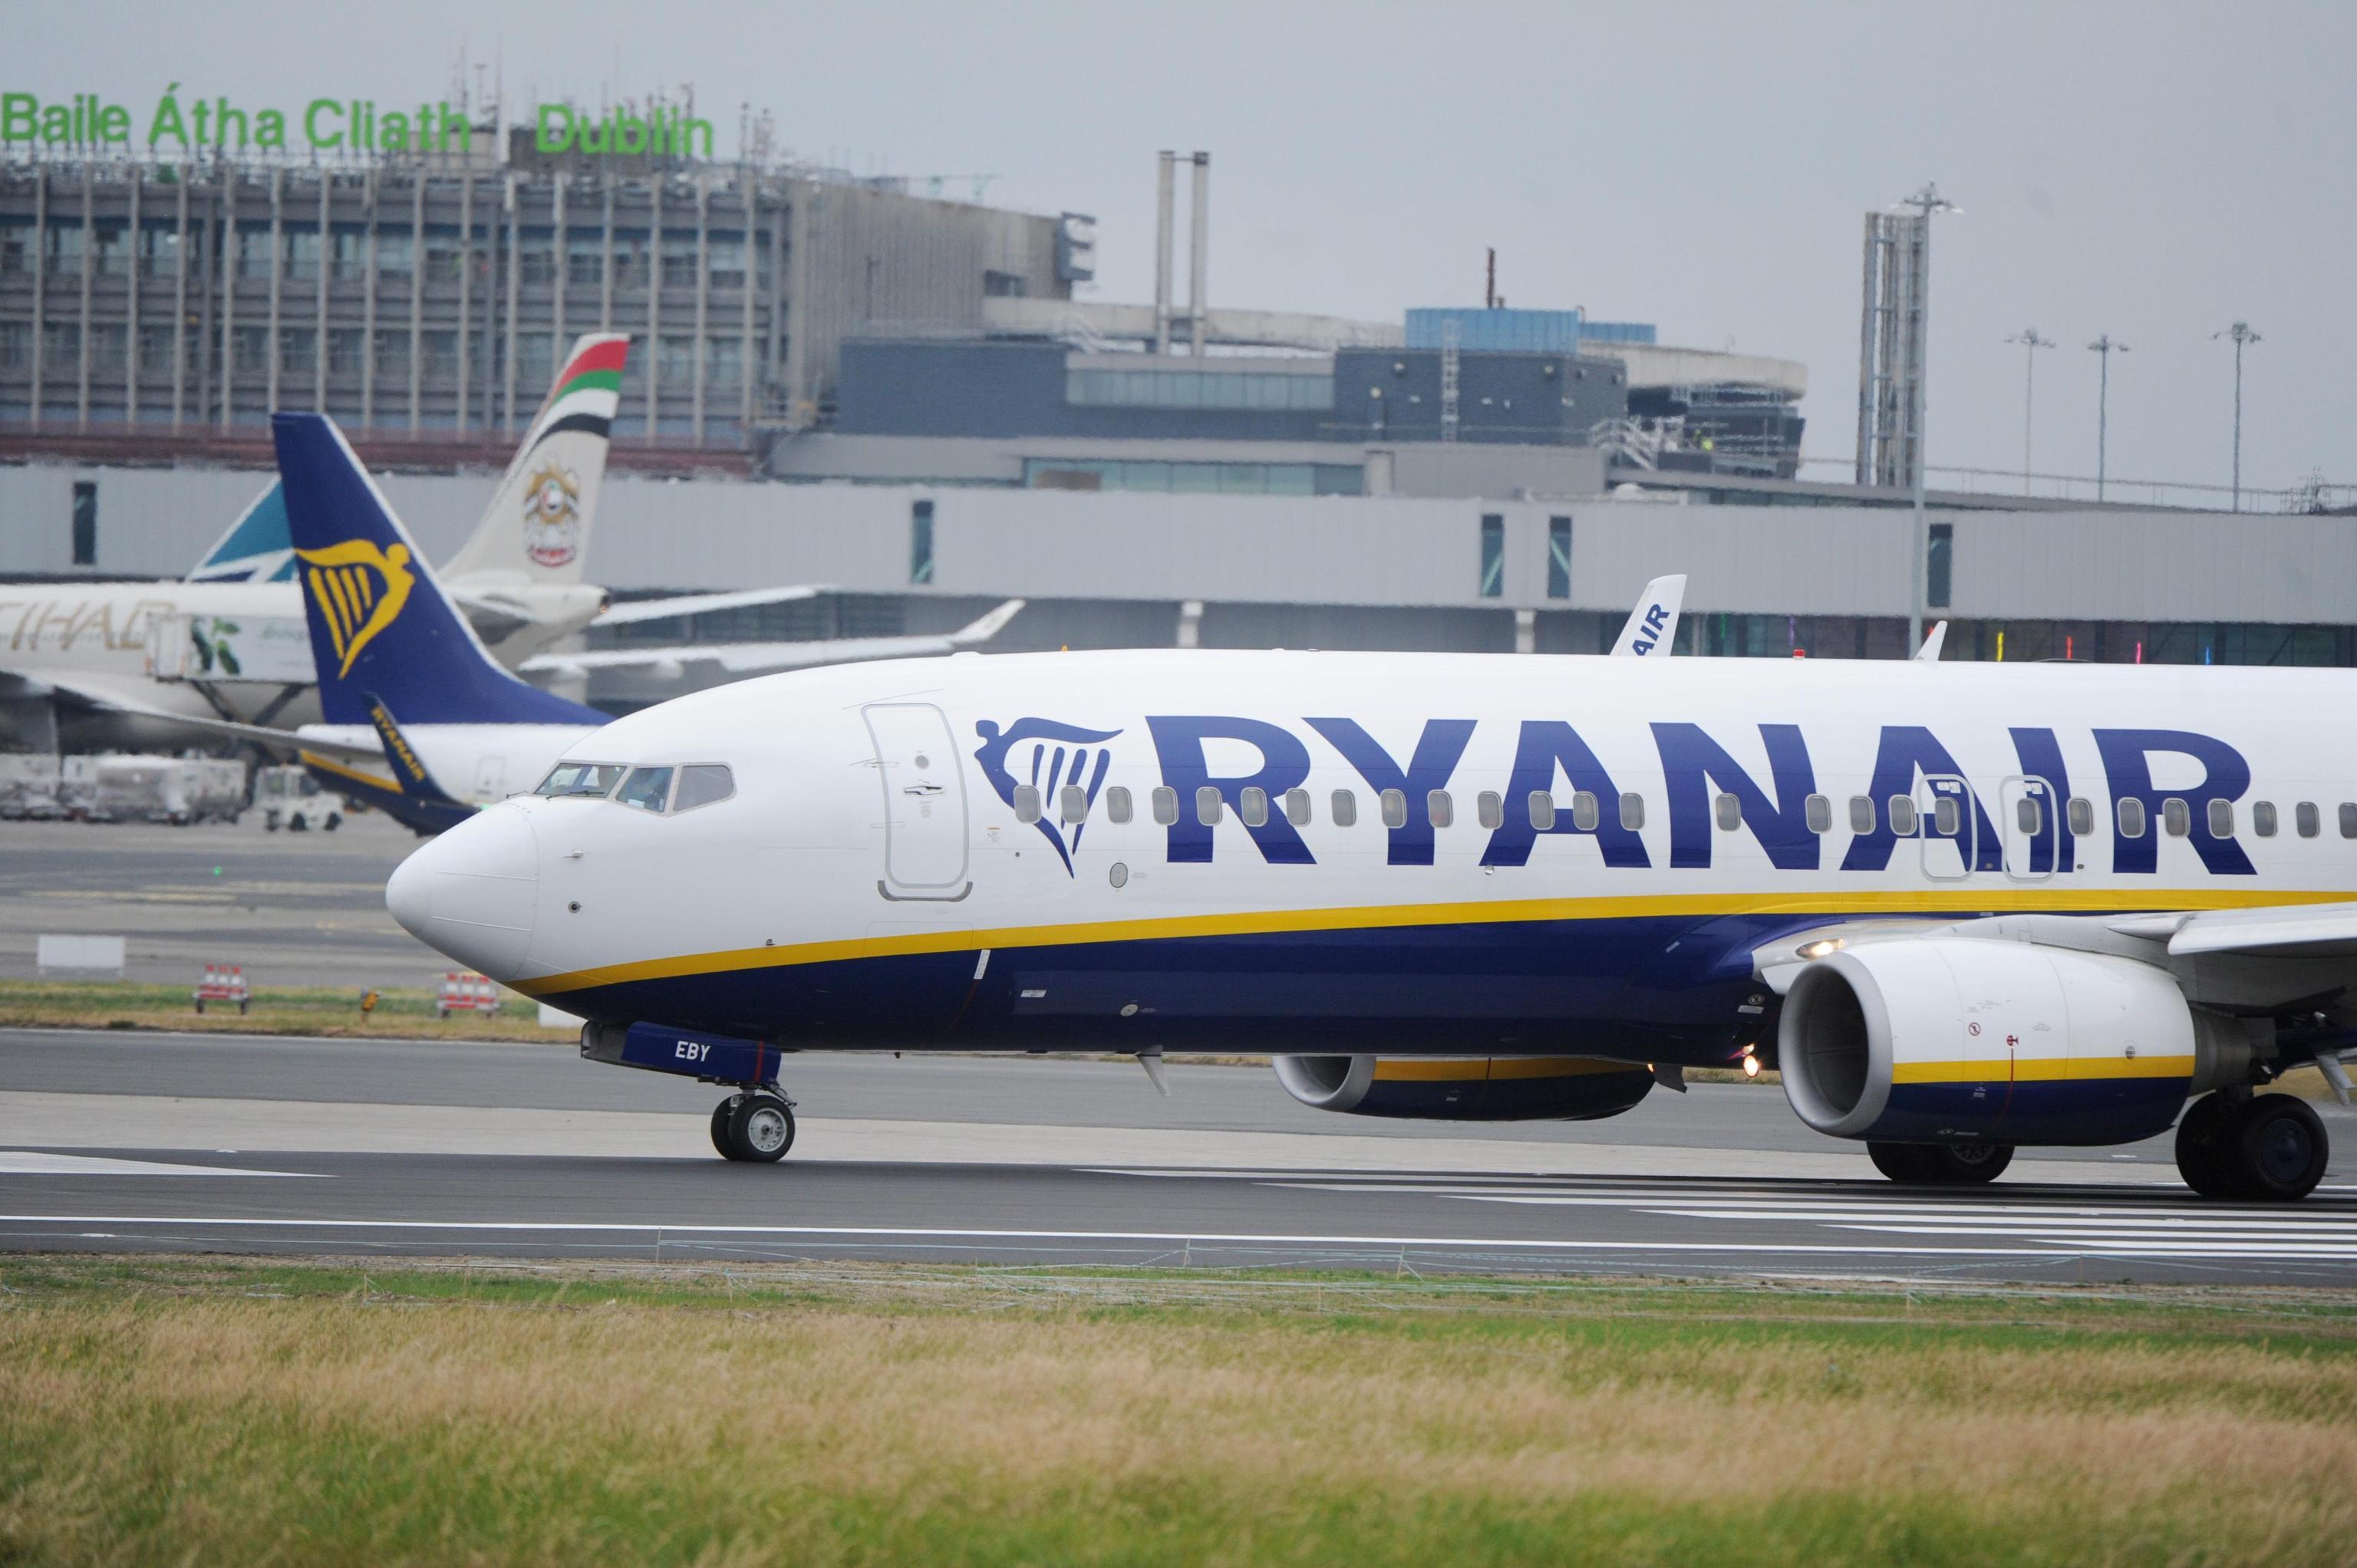 Sciopero aerei 25 e 26 luglio: Ryanair cancella 600 voli